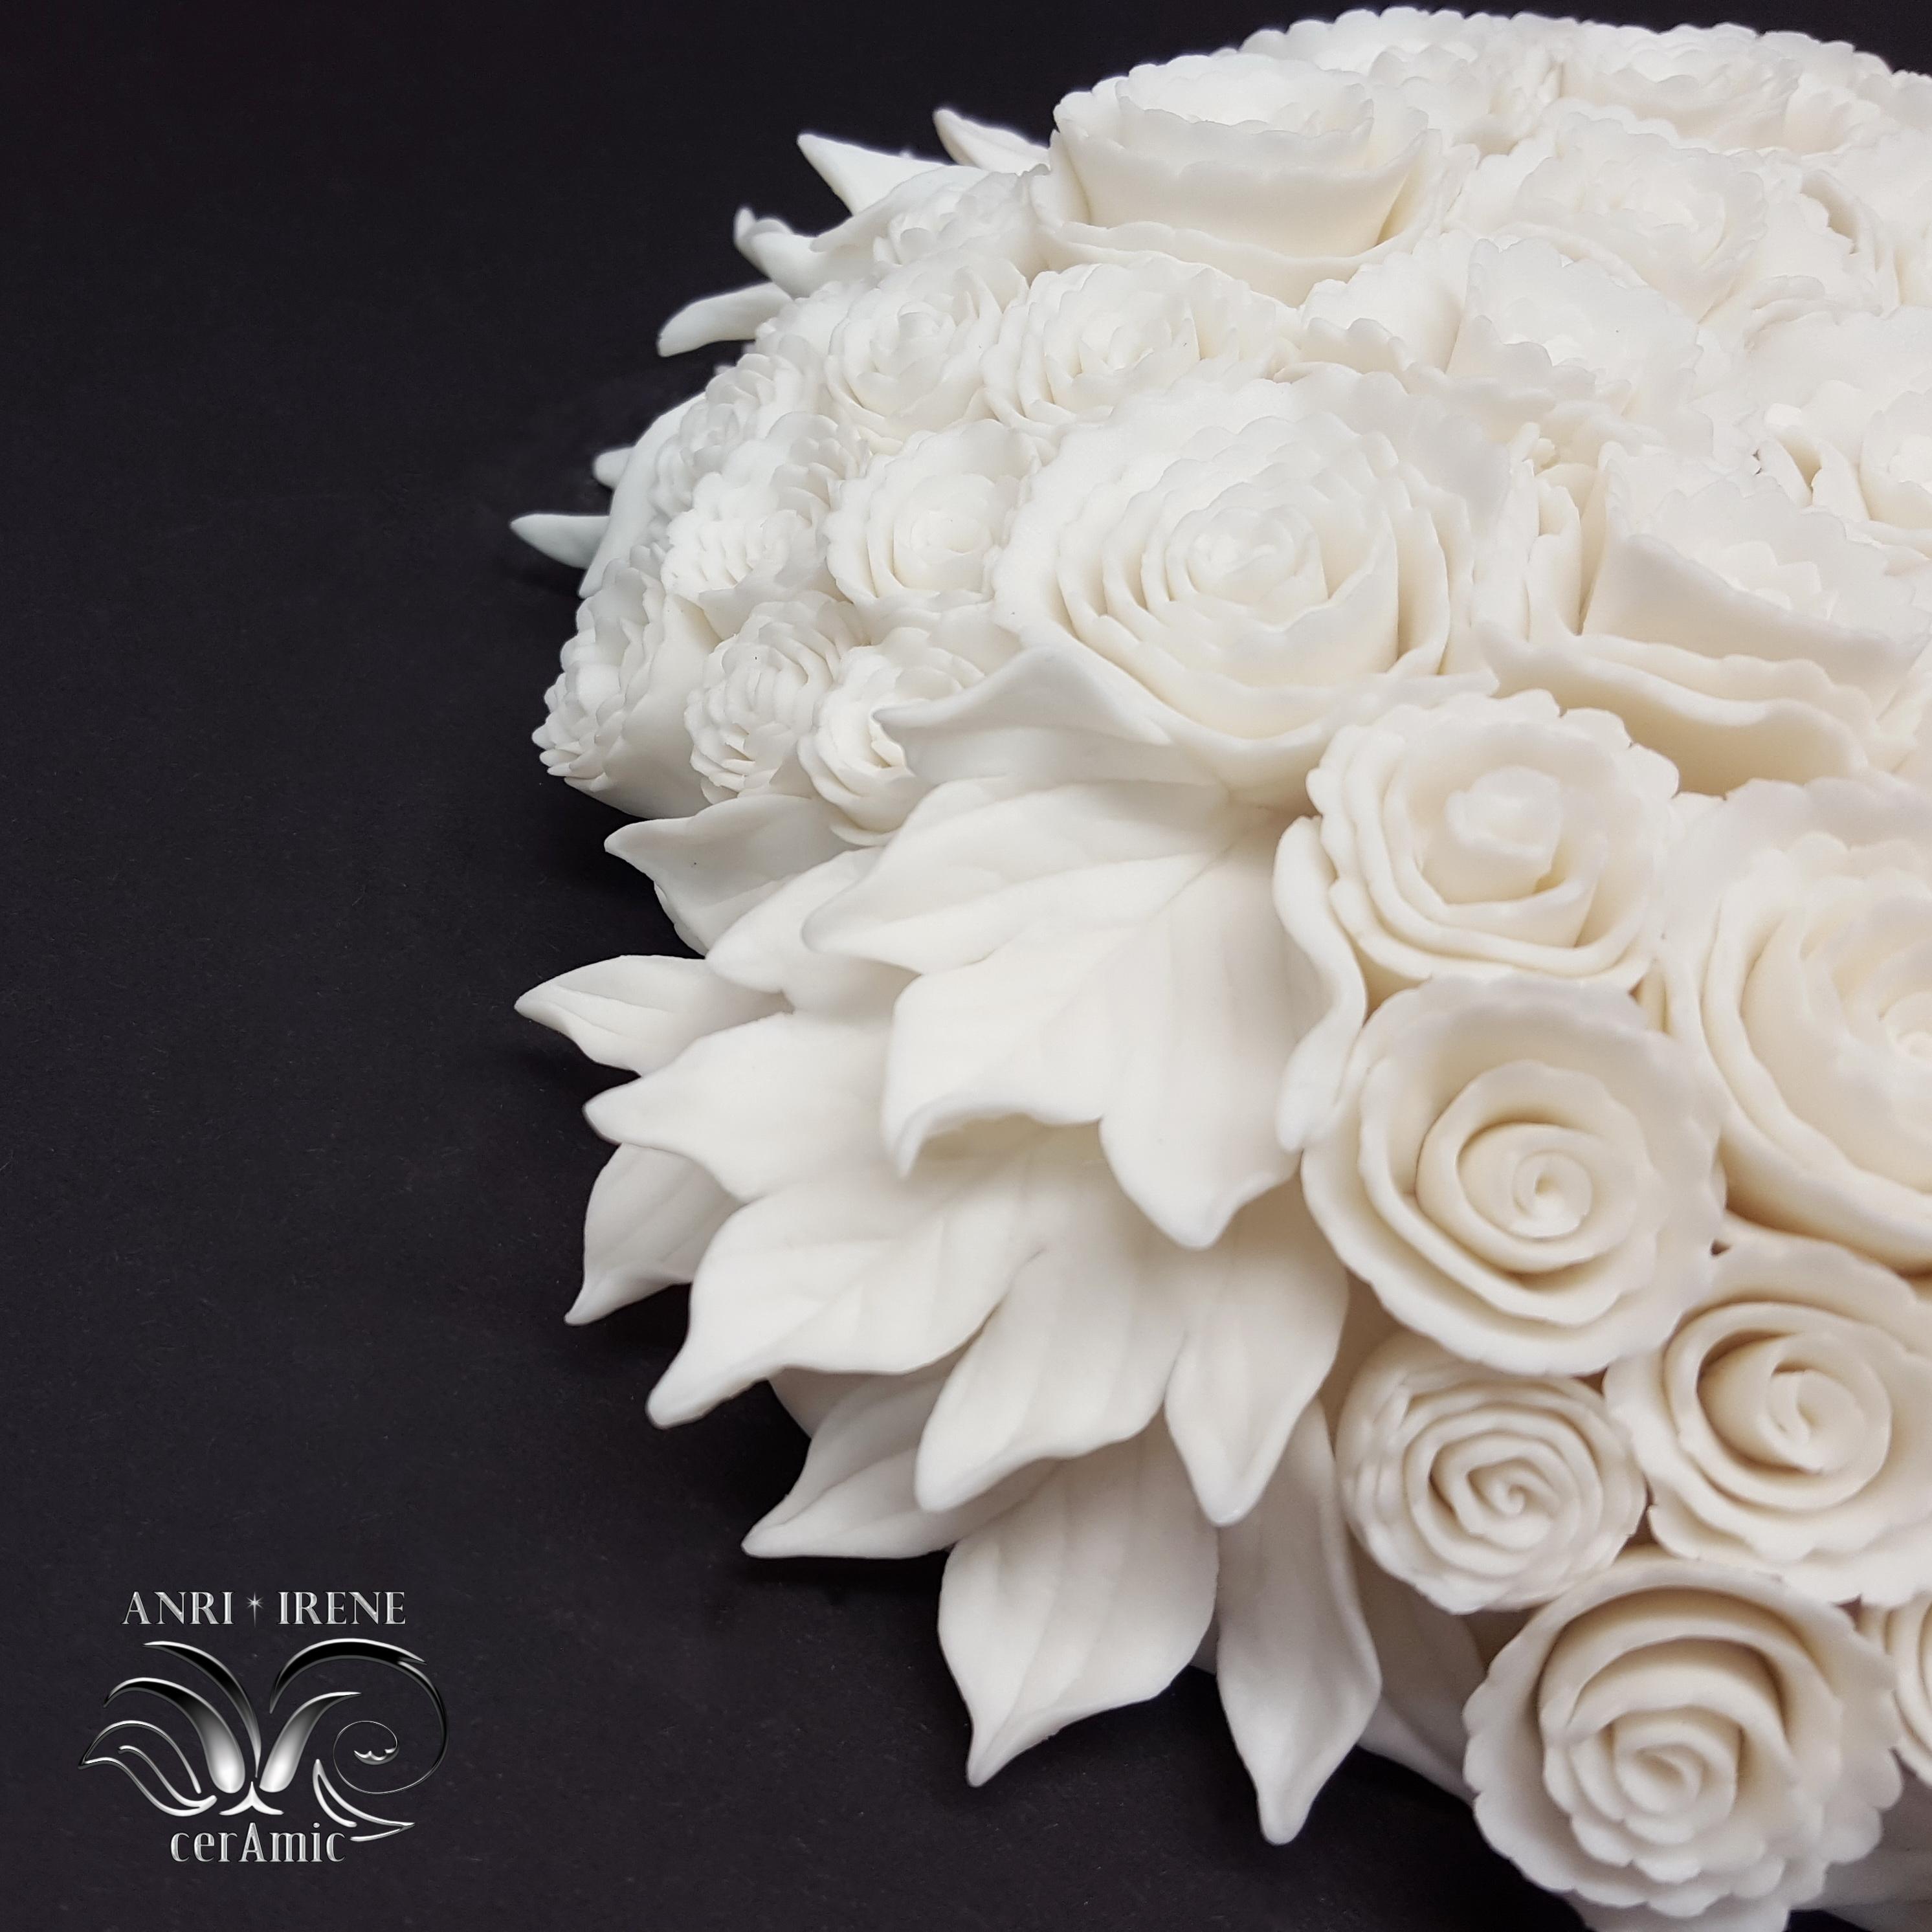 Porcelain floral decor